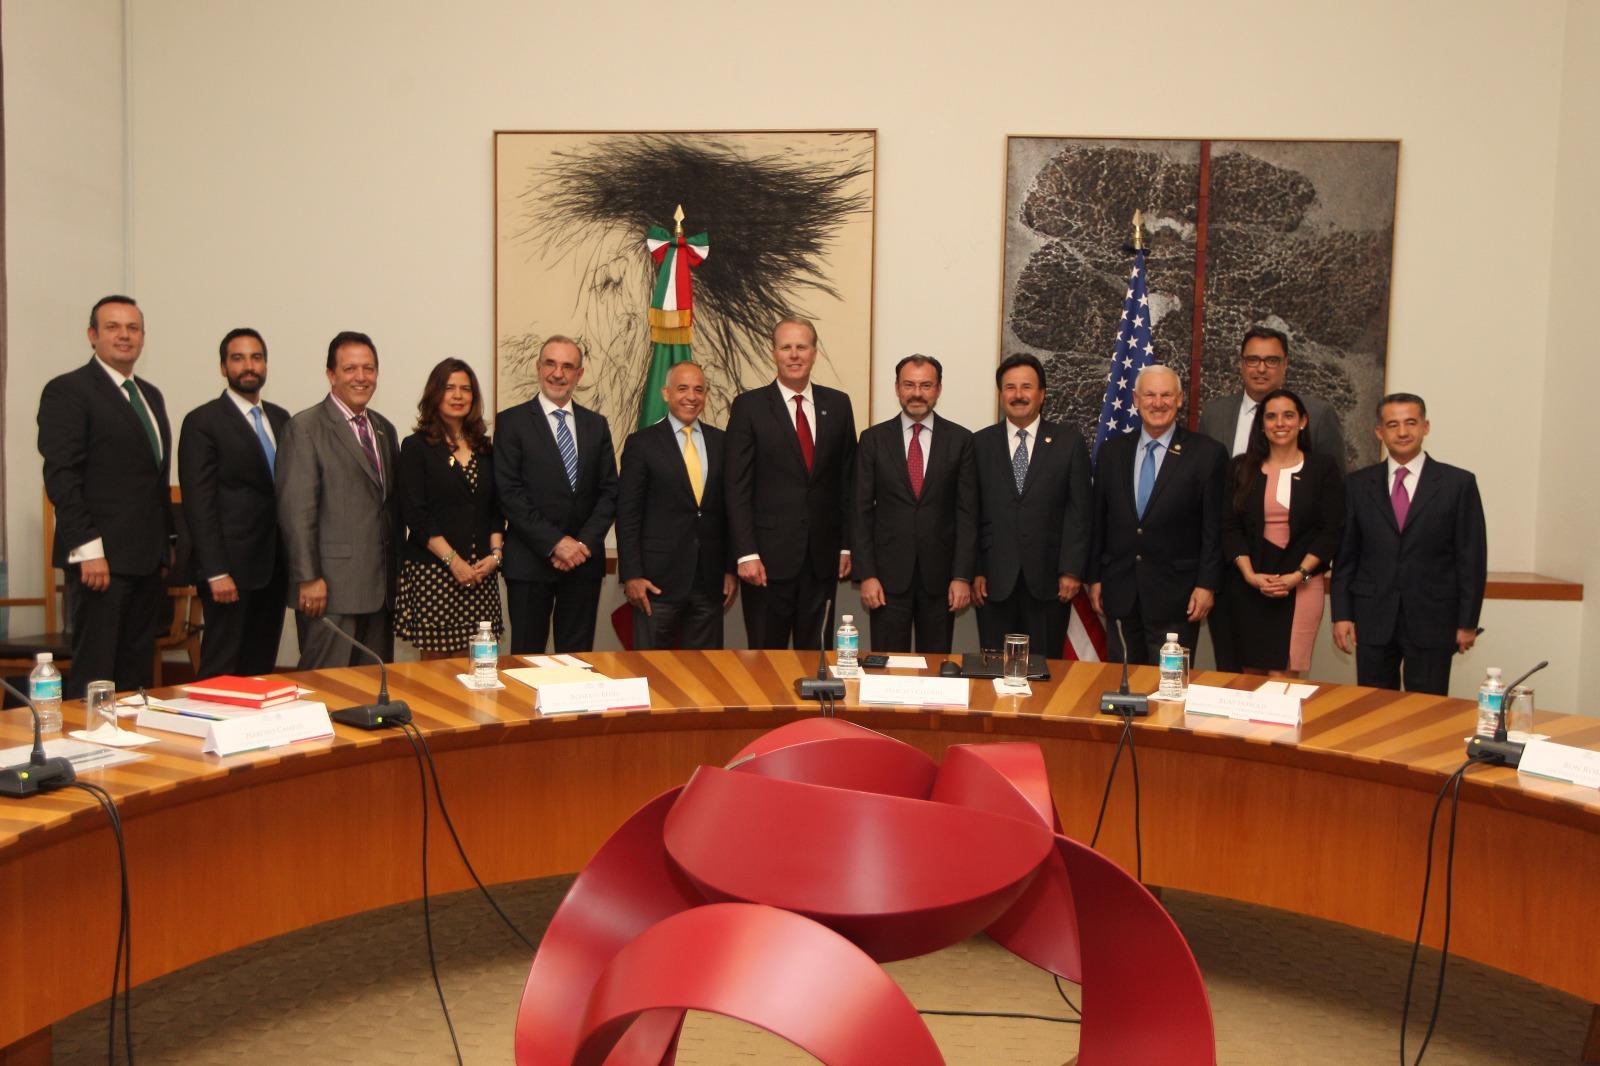 El Canciller Luis Videgaray se reúne con Alcaldes y líderes de la mega región California y Baja California.